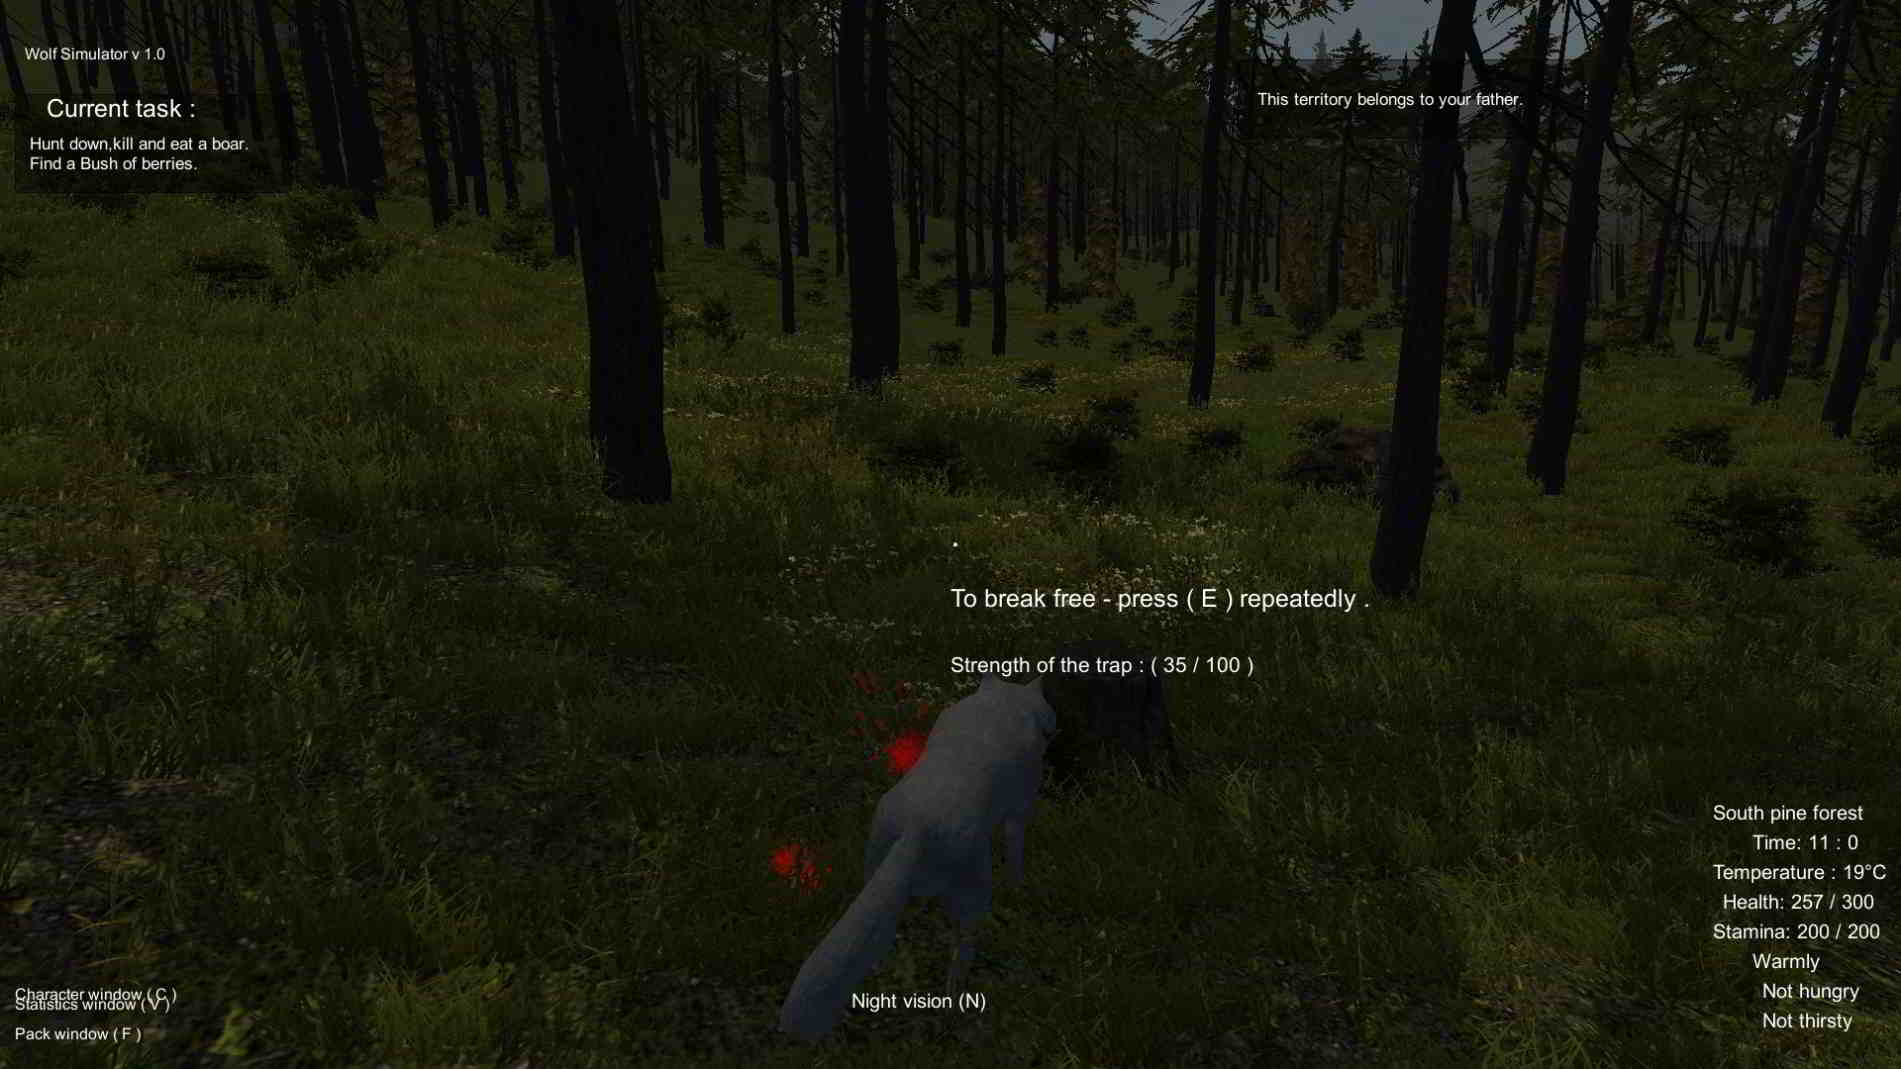 Скачать торрент симулятор волка